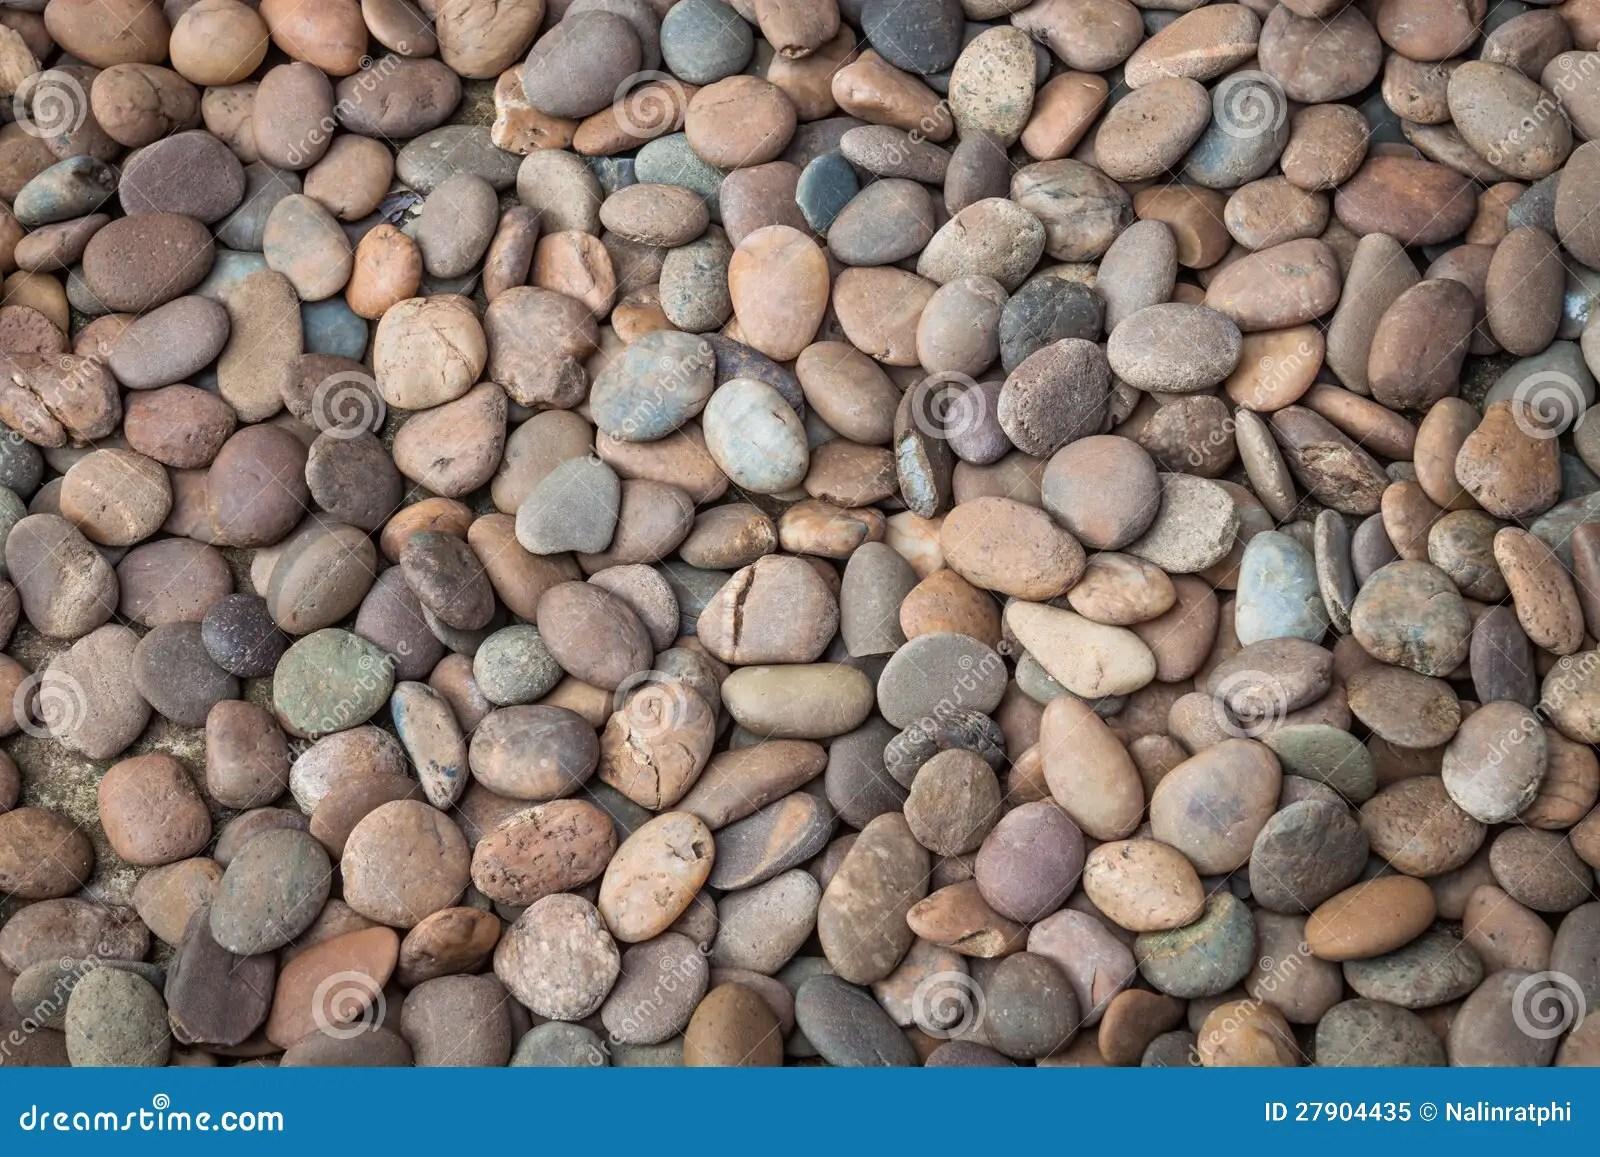 Garden Pebbles Prices